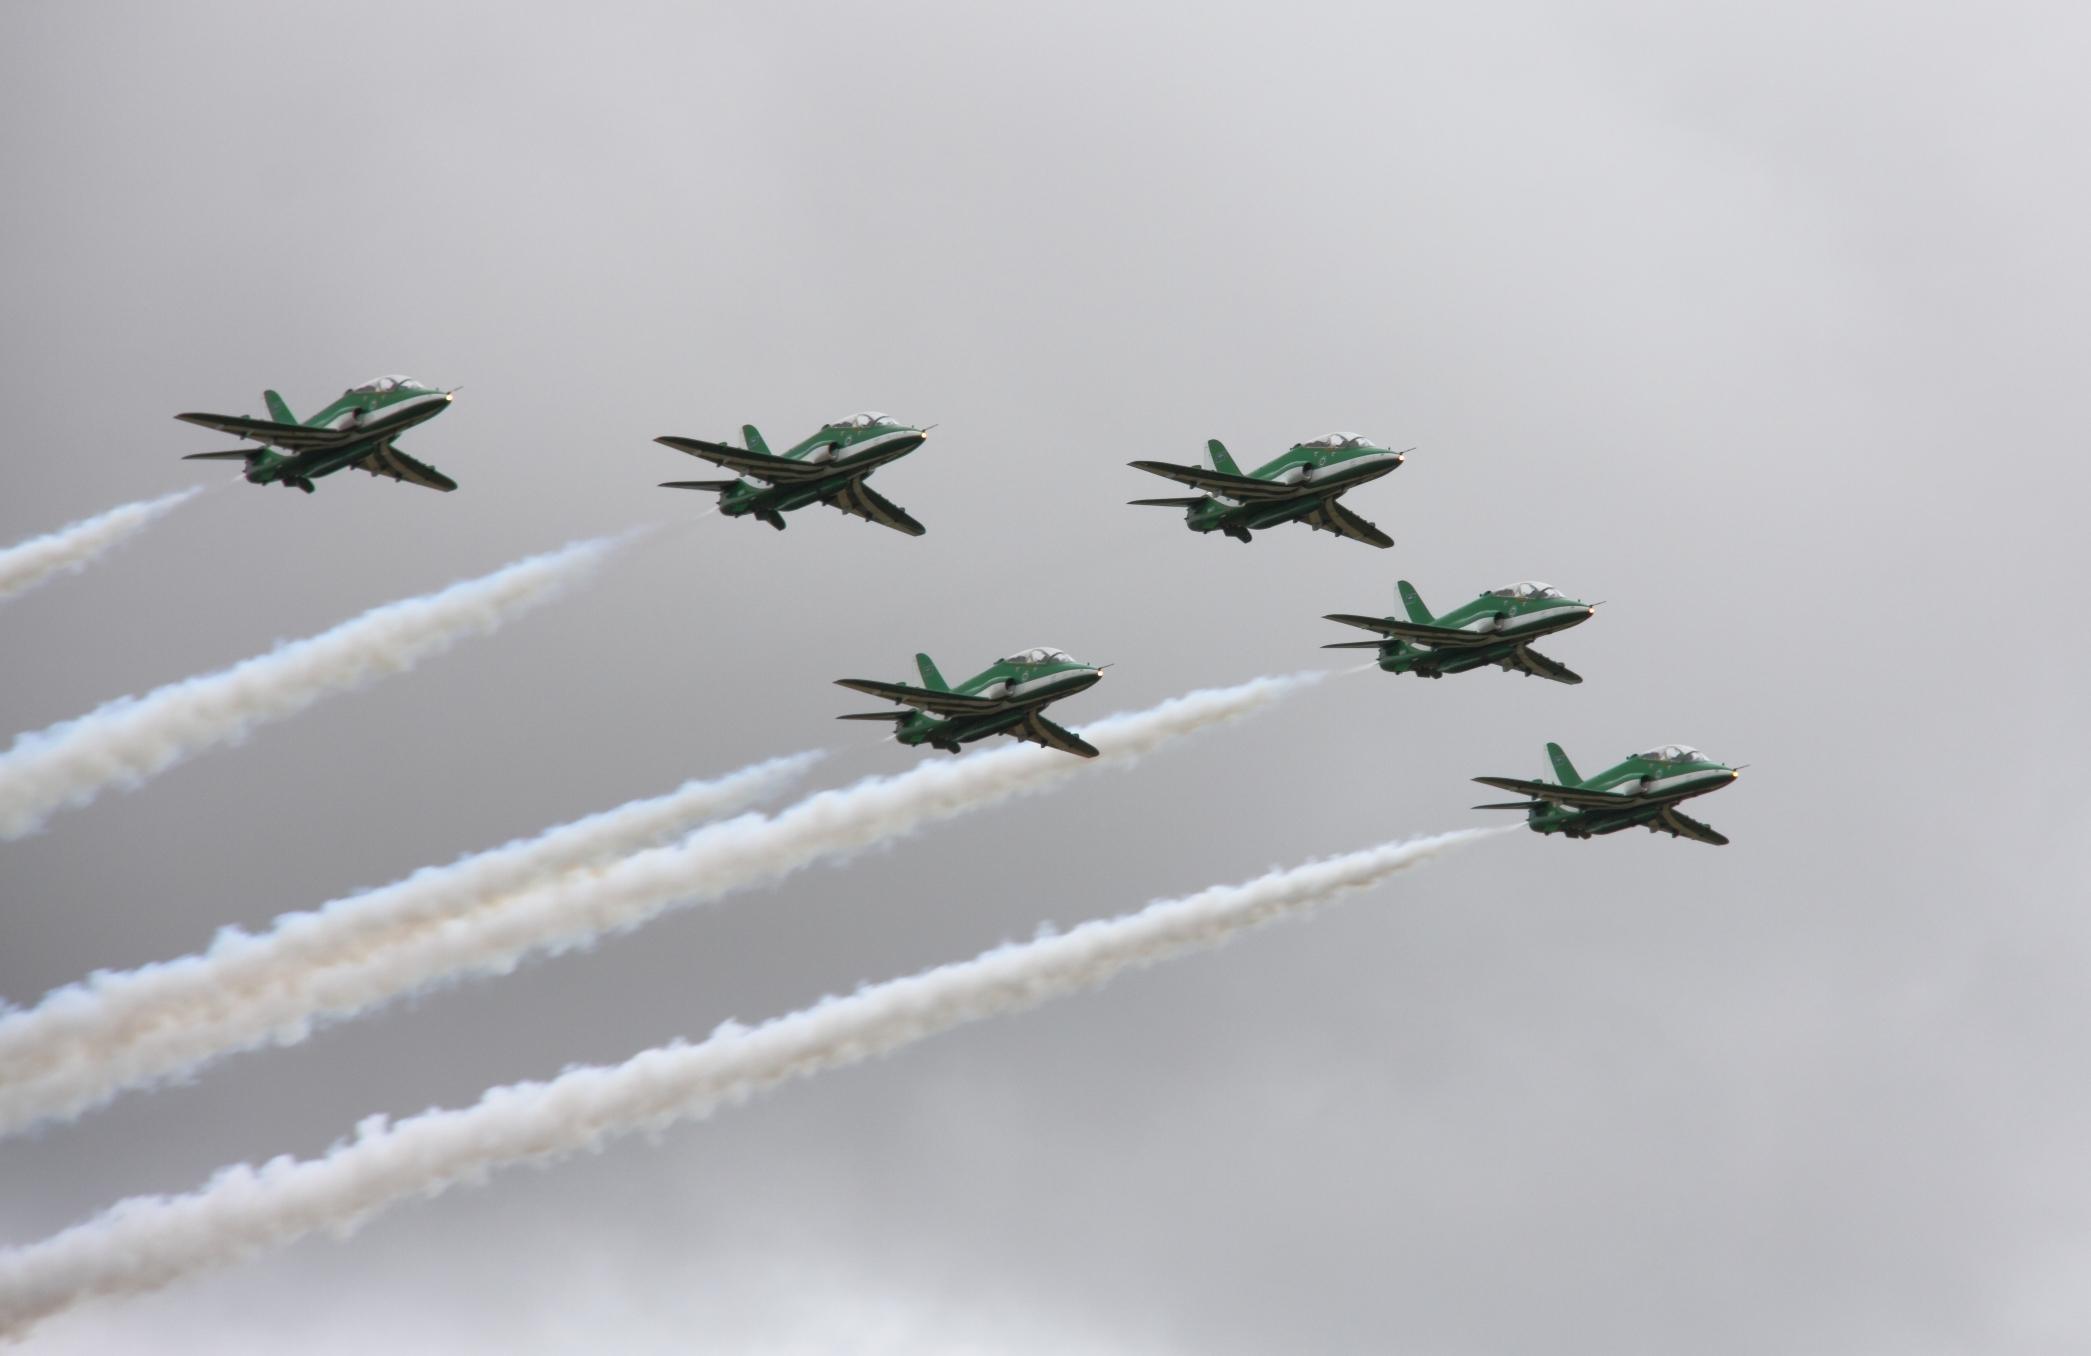 الموسوعه الفوغترافيه لصور القوات الجويه الملكيه السعوديه ( rsaf ) Saudi_Hawks_formation